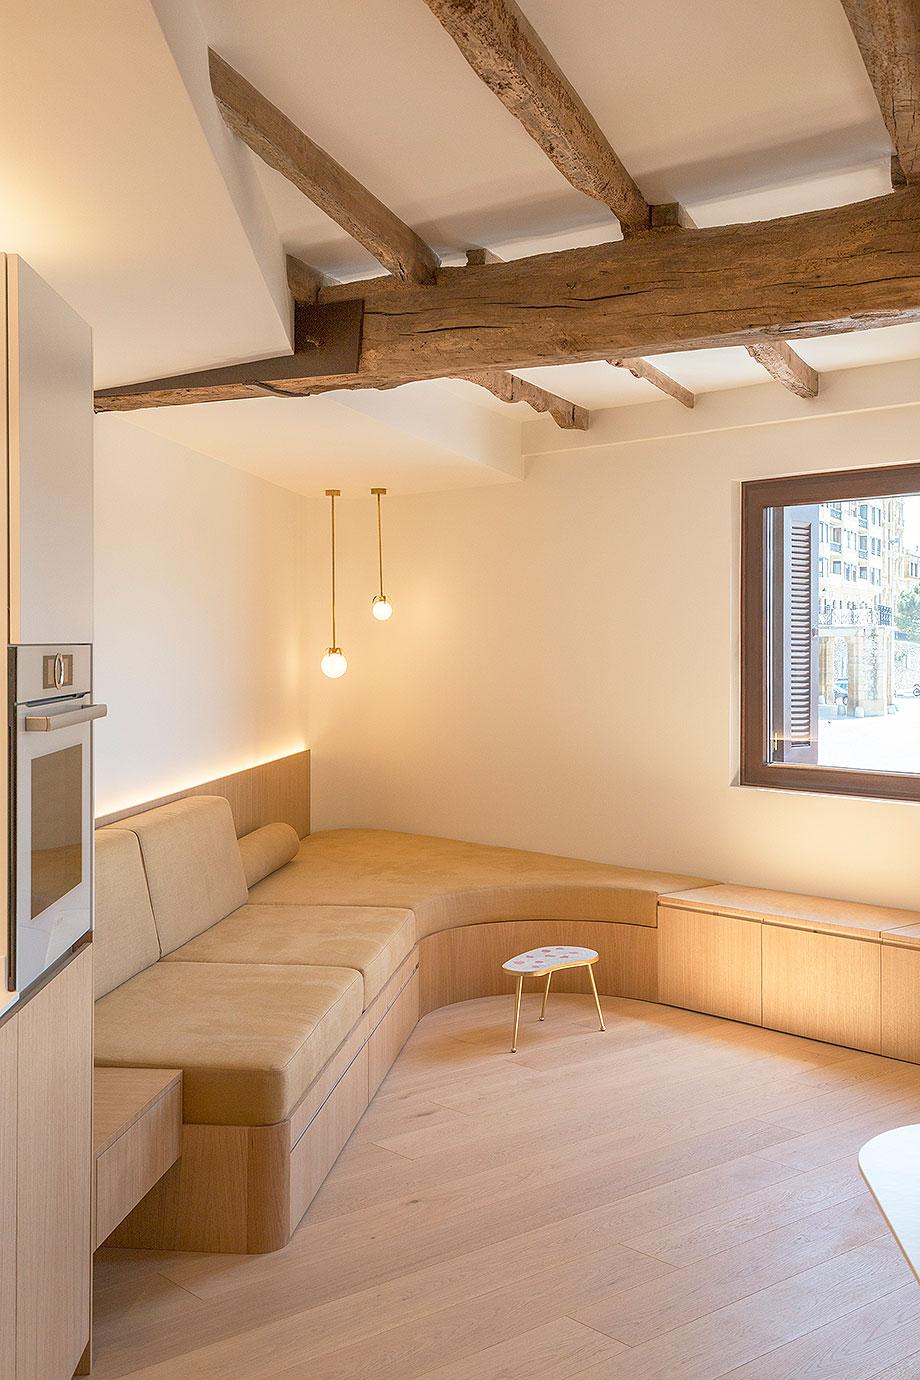 casa kaia de amaia arana arkitektura (10) - foto iñaki guridi de mitiko estudio